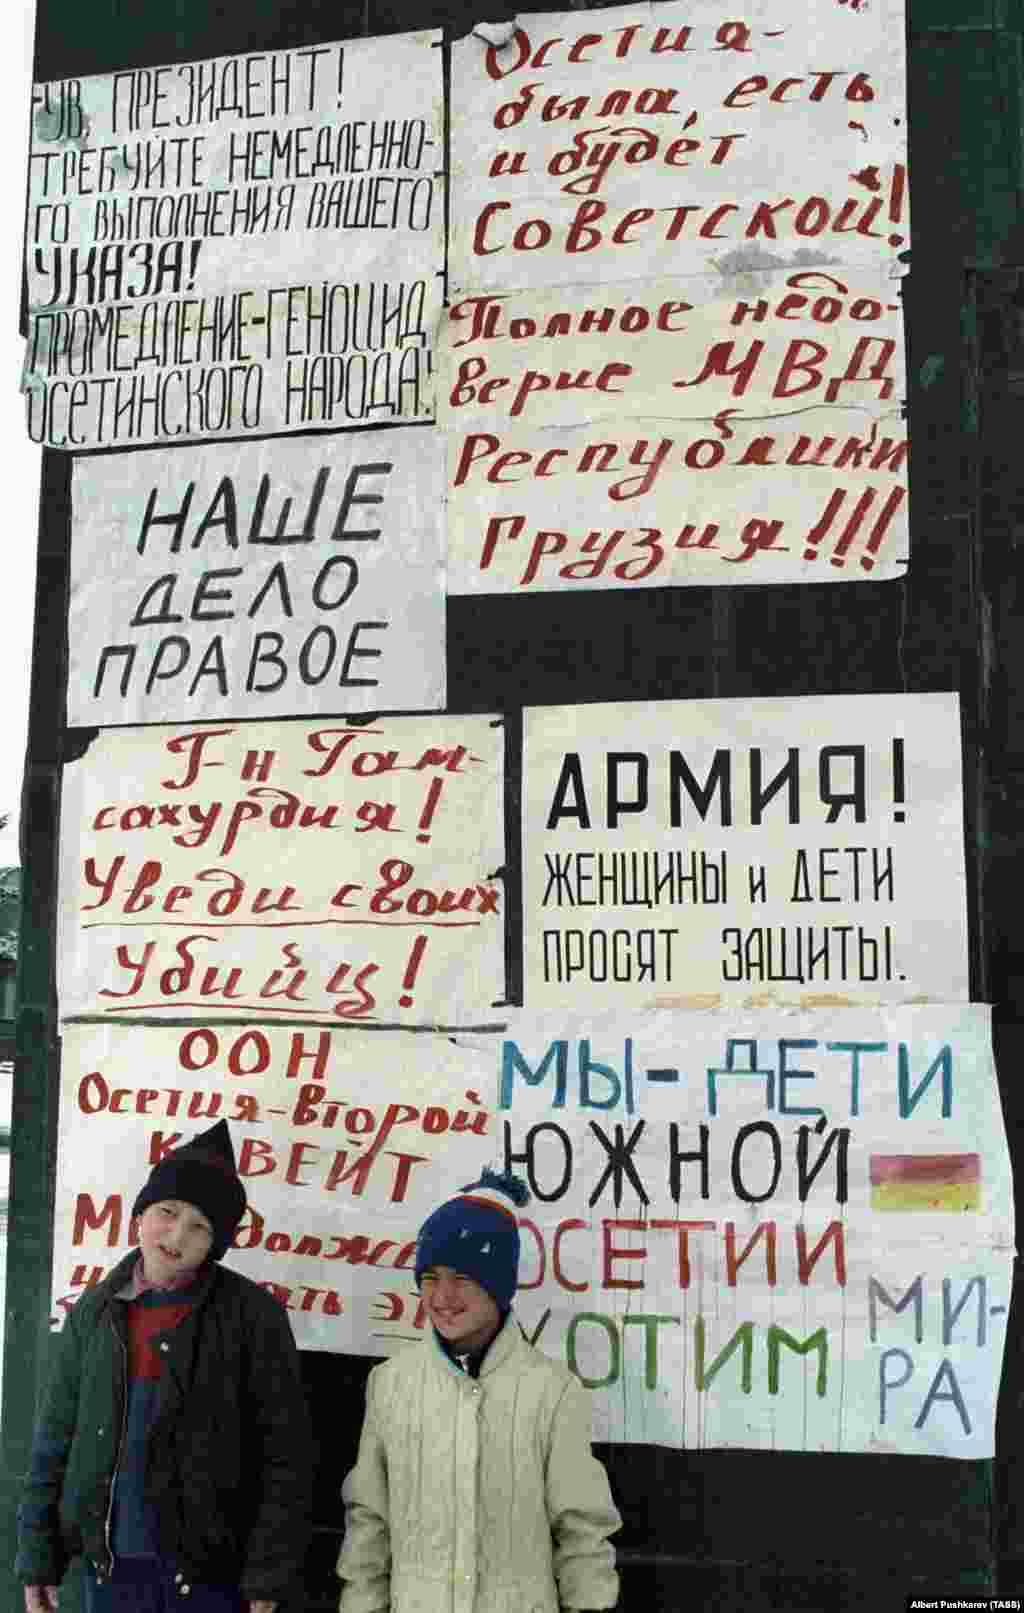 Дети в Цхинвали 1 января 1991 года позируют рядом с плакатами на памятнике Ленину, который осетины не позволили снести. На одном из плакатов написано: «Осетия была, есть и всегда будет советской». Многие грузины считали этнических осетин предательской «пятой колонной» в то время, как их страна боролась за свободу от Советского Союза. А осетины чувствовали себя отстраненными от новых законов, которые сделали грузинский язык единственным официальным языком страны и препятствовали политическому представительству осетин в Тбилиси